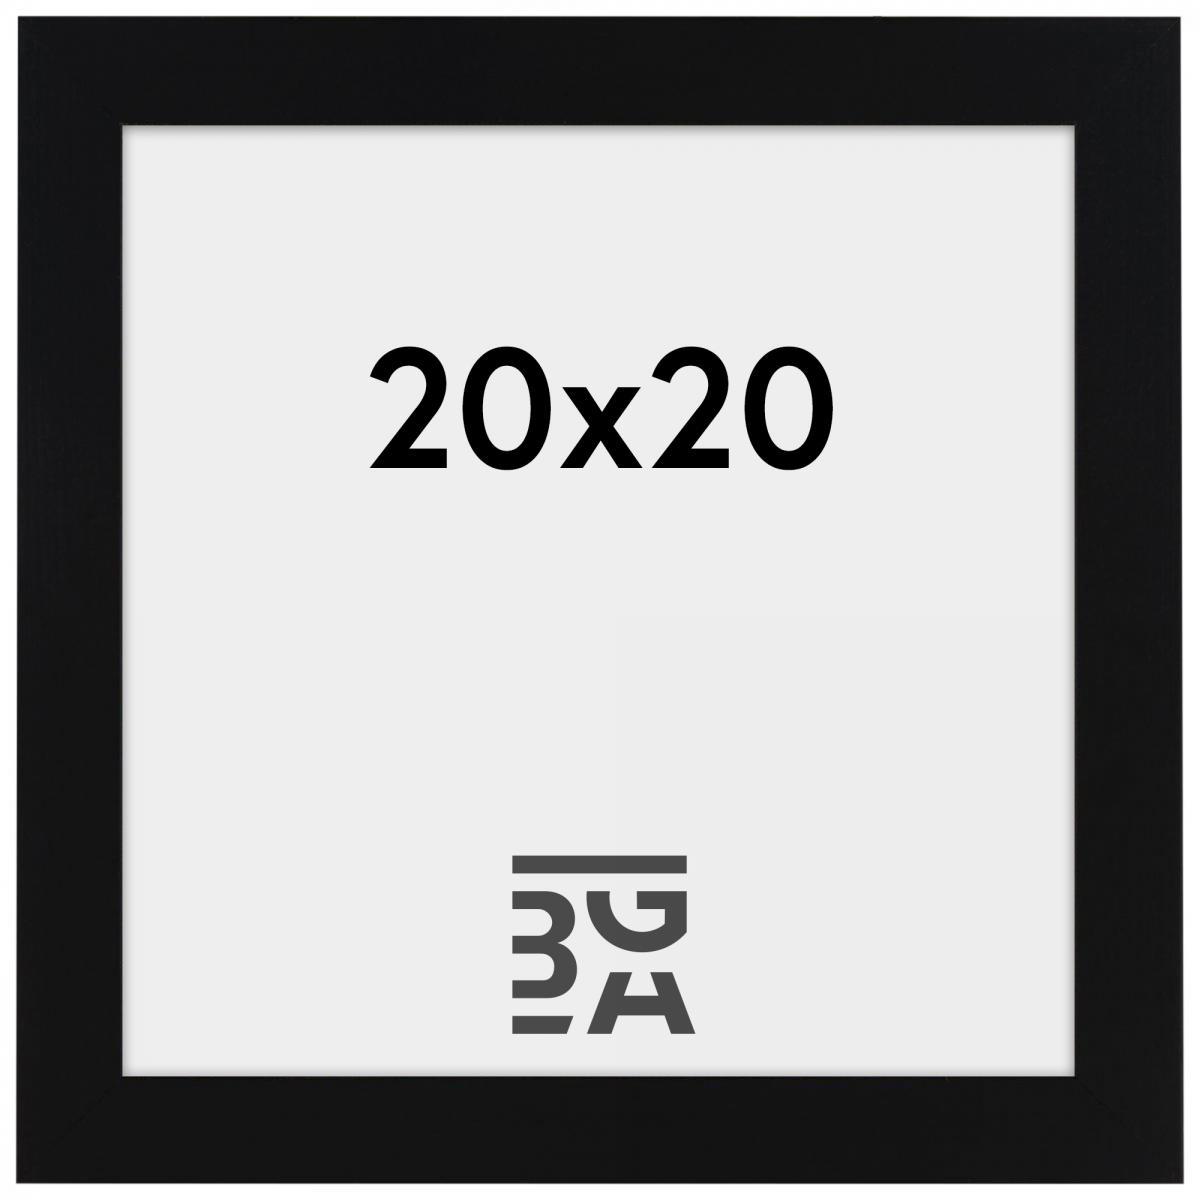 Rahmen Amanda Box Schwarz 20x20 cm